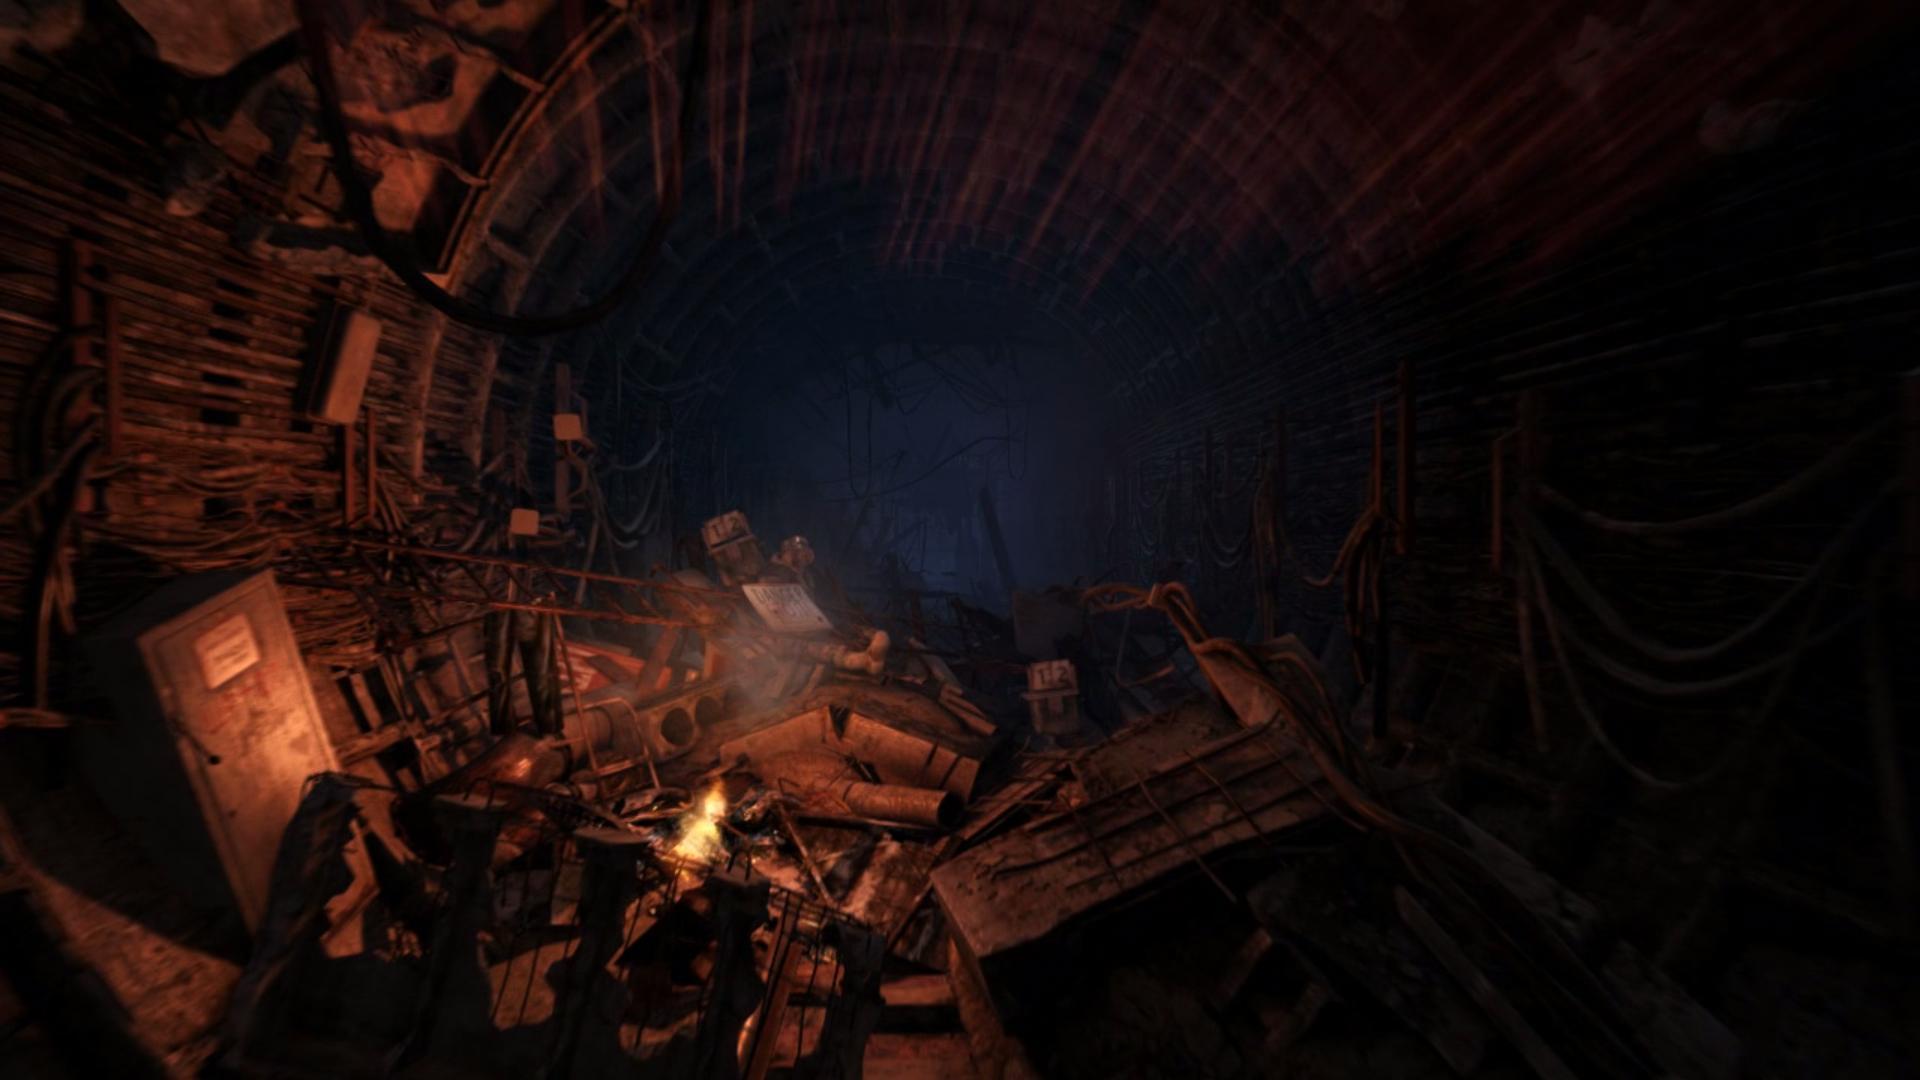 Wallpapers, fond d'ecran pour Metro : Last Light PC, PS3 ...